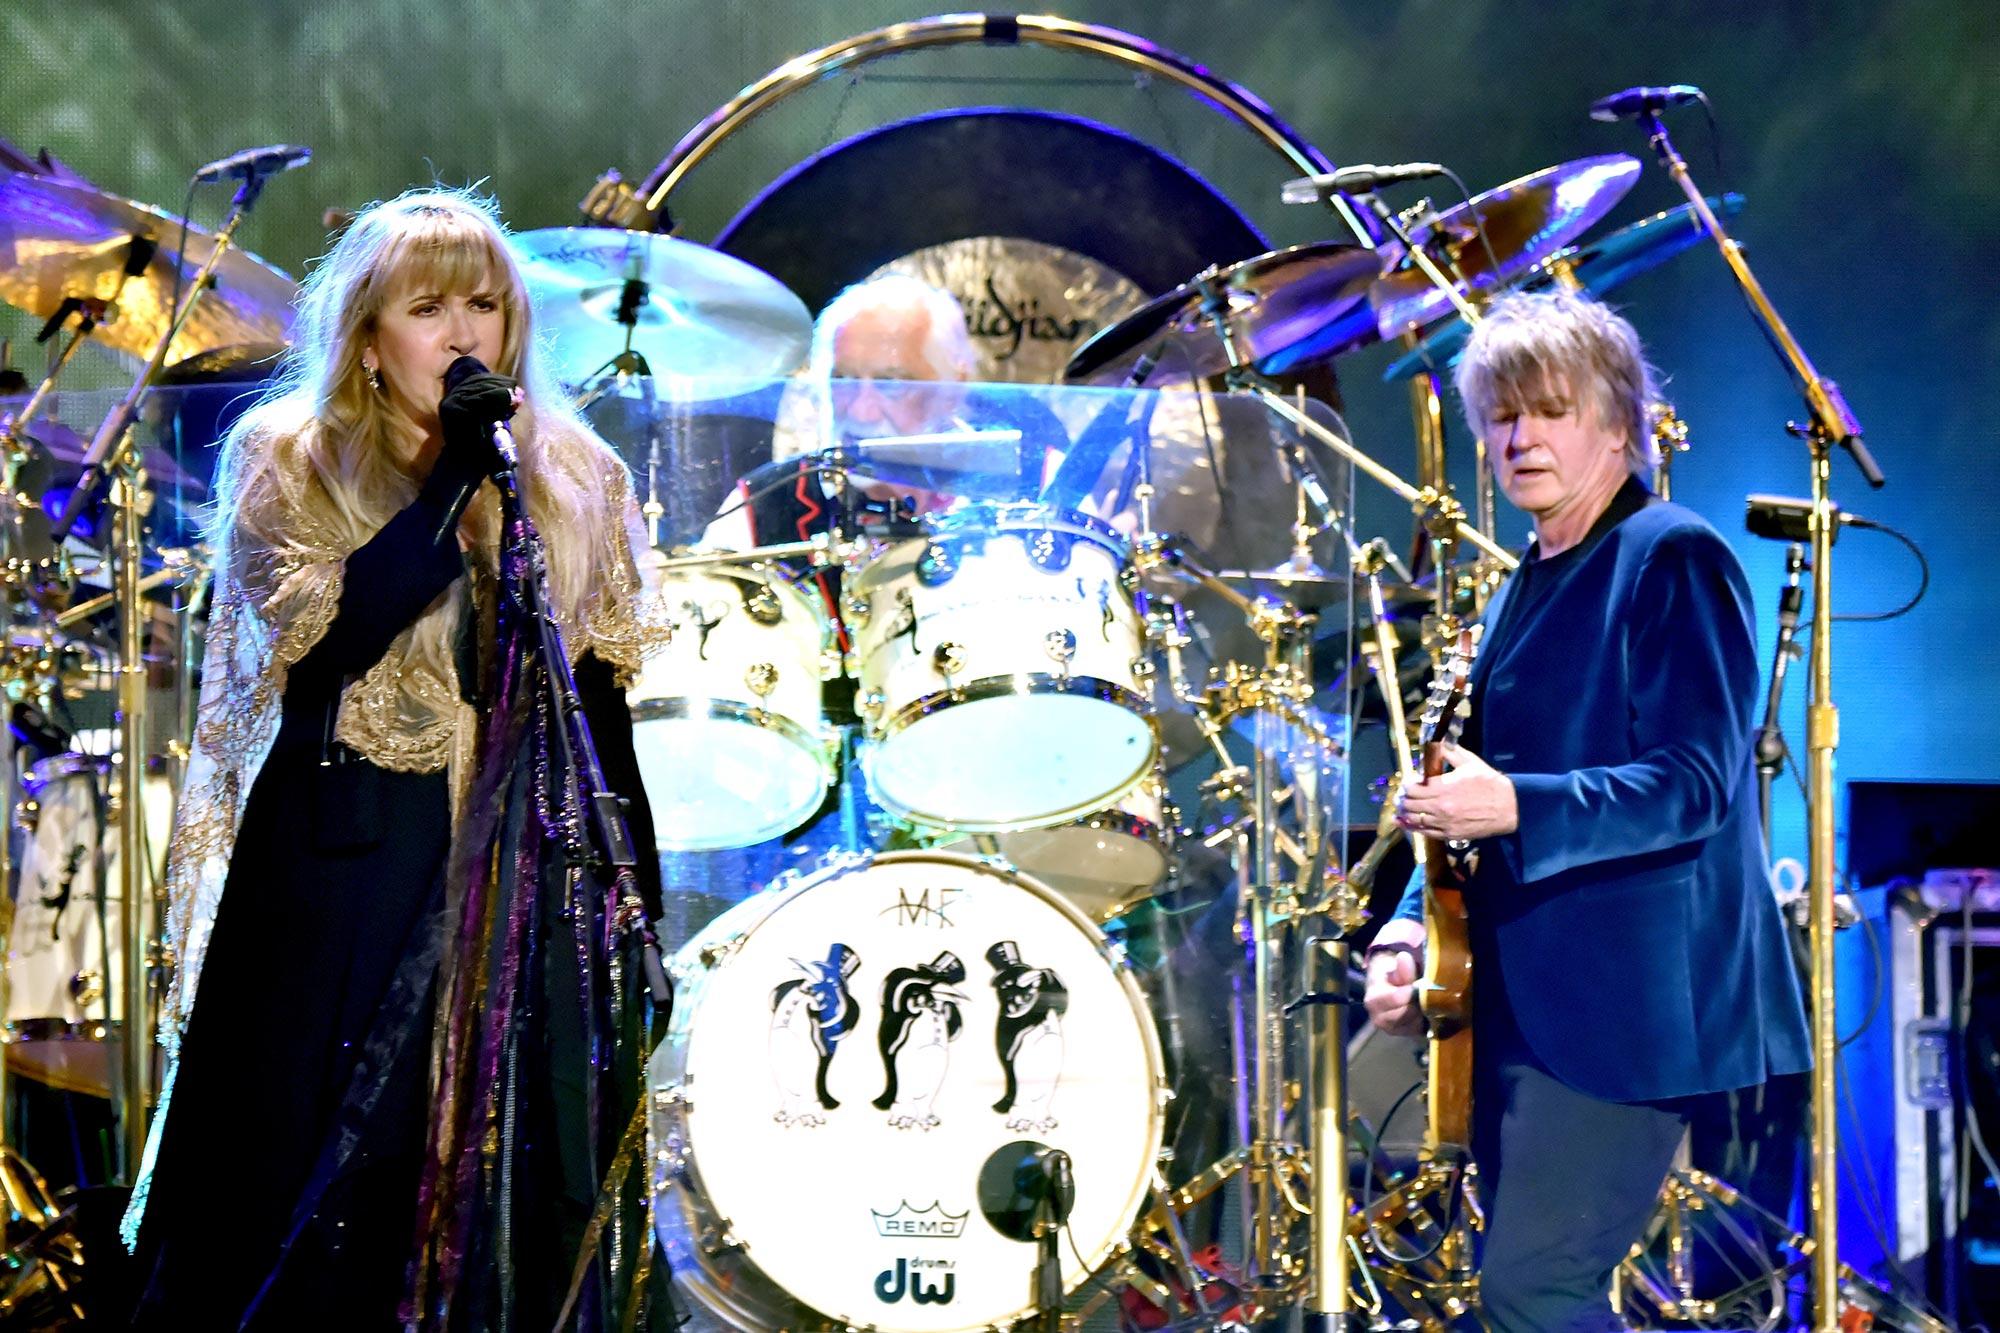 Stevie Nicks, Mick Fleetwood and Neil Finn of Fleetwood Mac